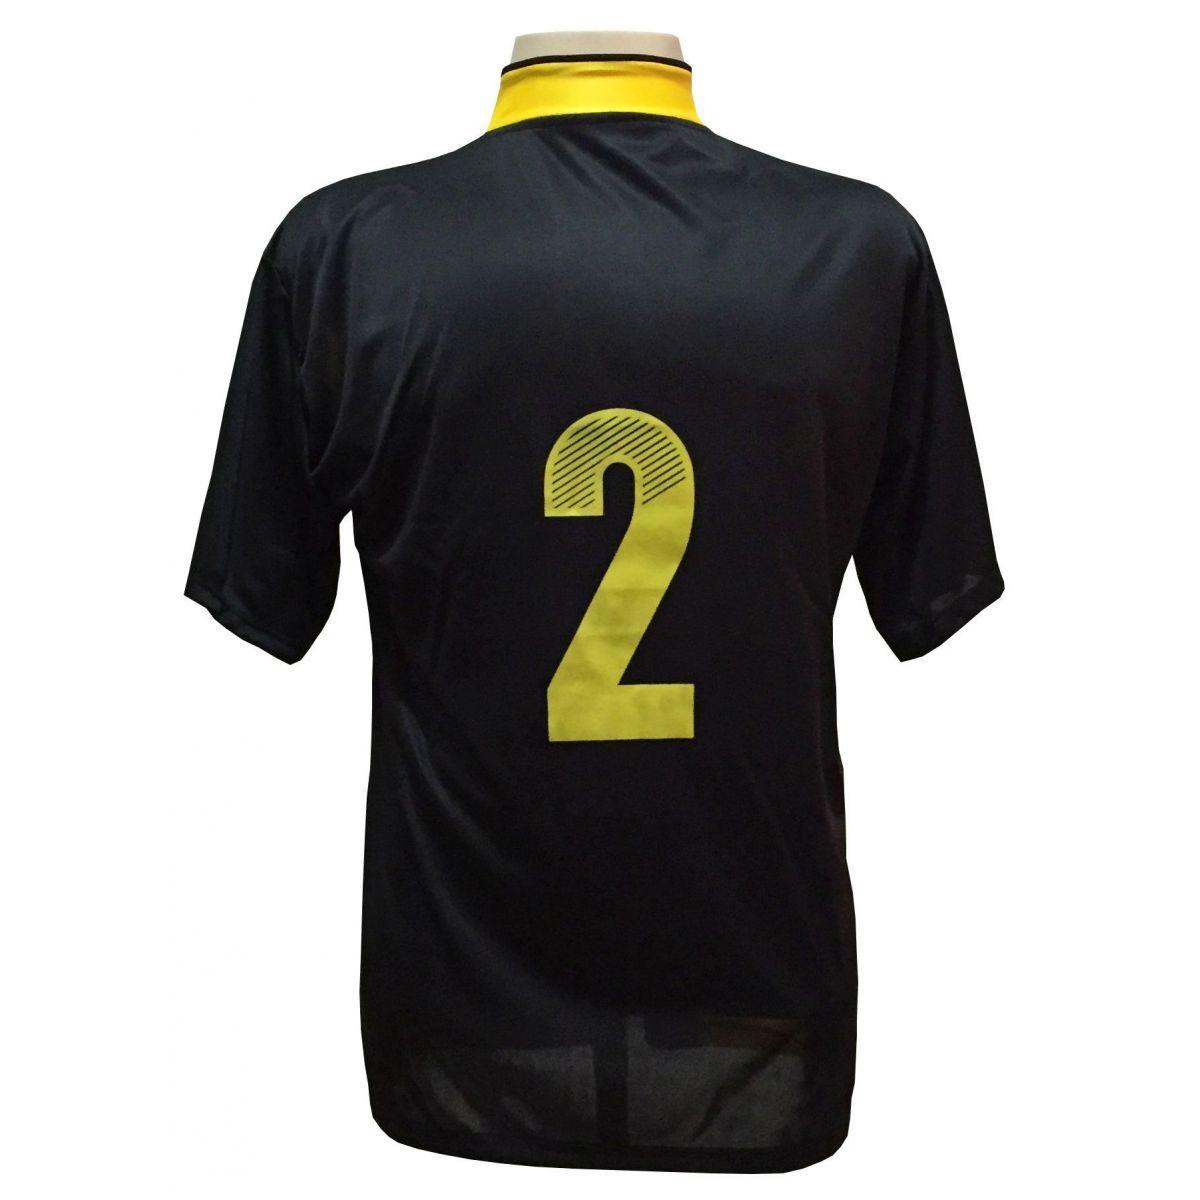 Jogo de Camisa com 14 unidades modelo Suécia Preto/Amarelo + 1 Camisa de Goleiro  - ESTAÇÃO DO ESPORTE